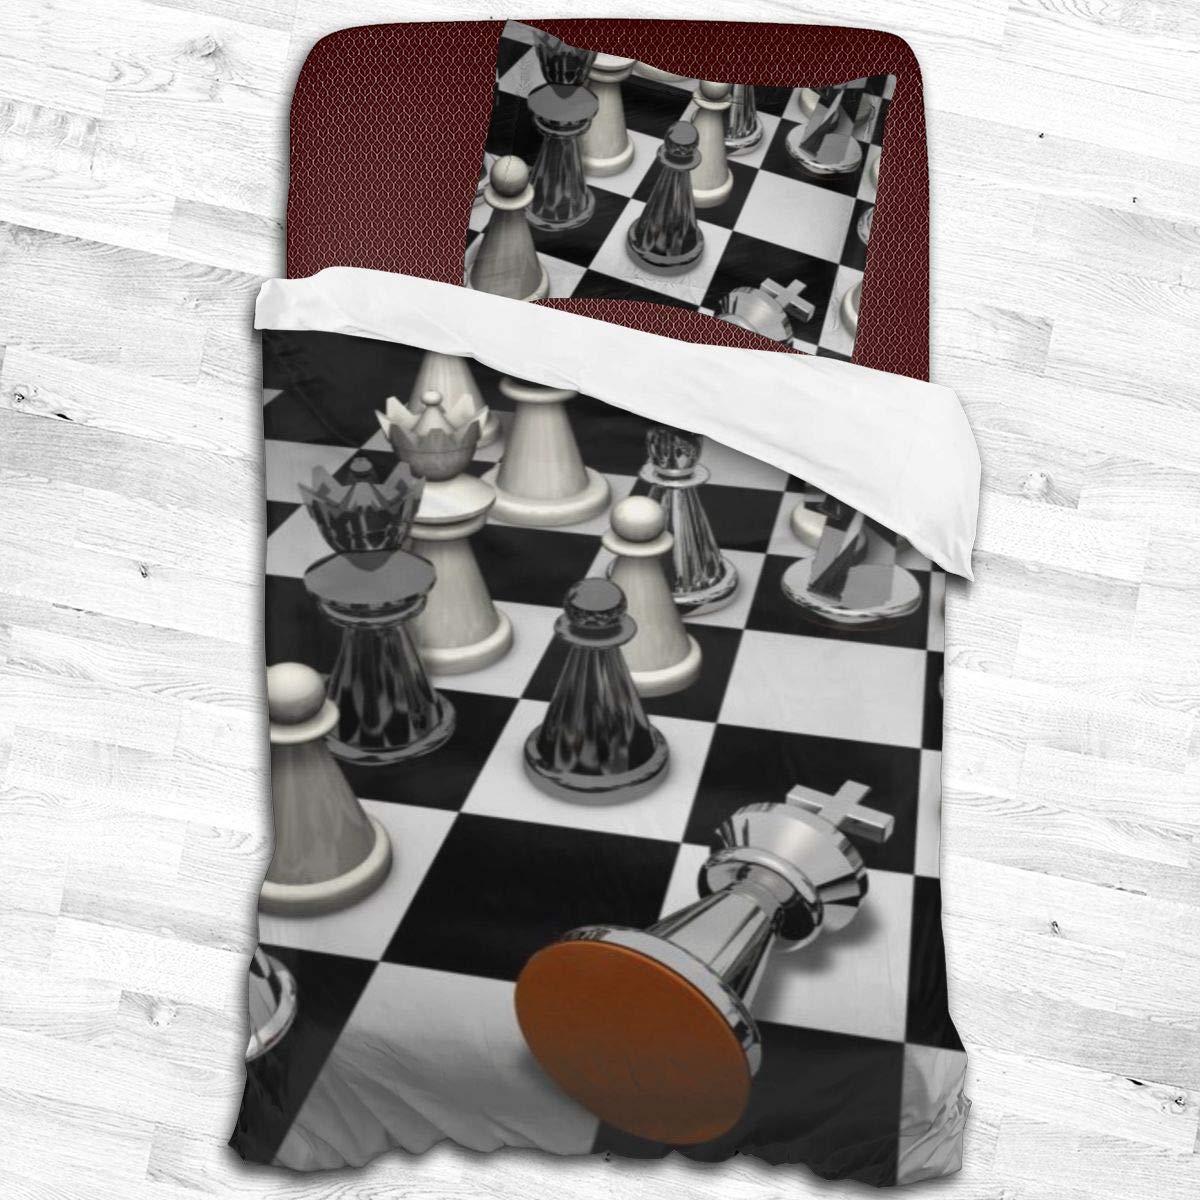 Yaitty Juego de Cama Reversible con diseño de Tablero de ajedrez en 3D, tamaño Individual, 2 Piezas, con Fundas de Almohada para Adolescentes y niños, poliéster, Negro, 55